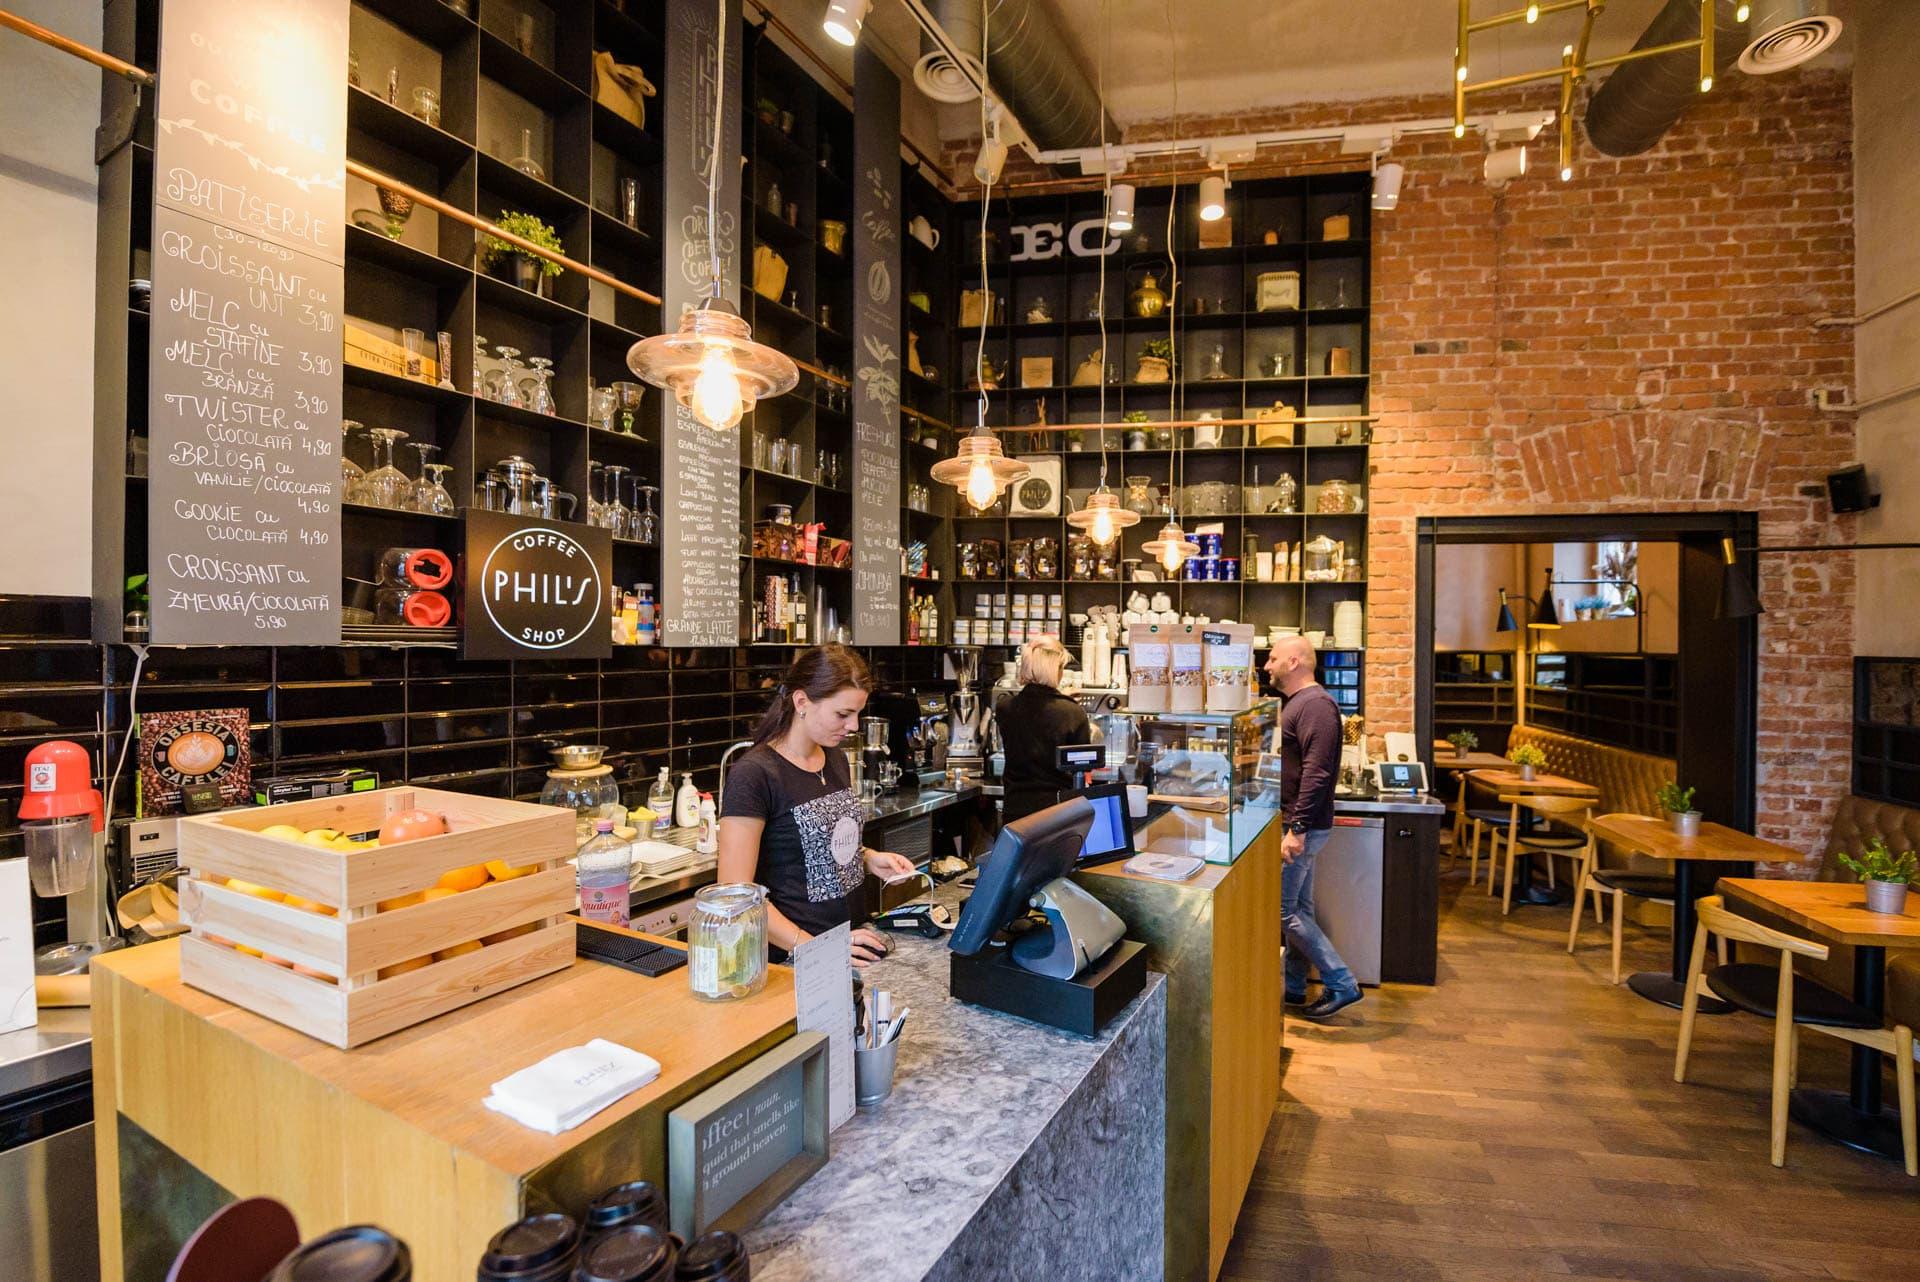 De vorbă cu… Cristina și Eva, baristele de la Phil's Coffee Shop